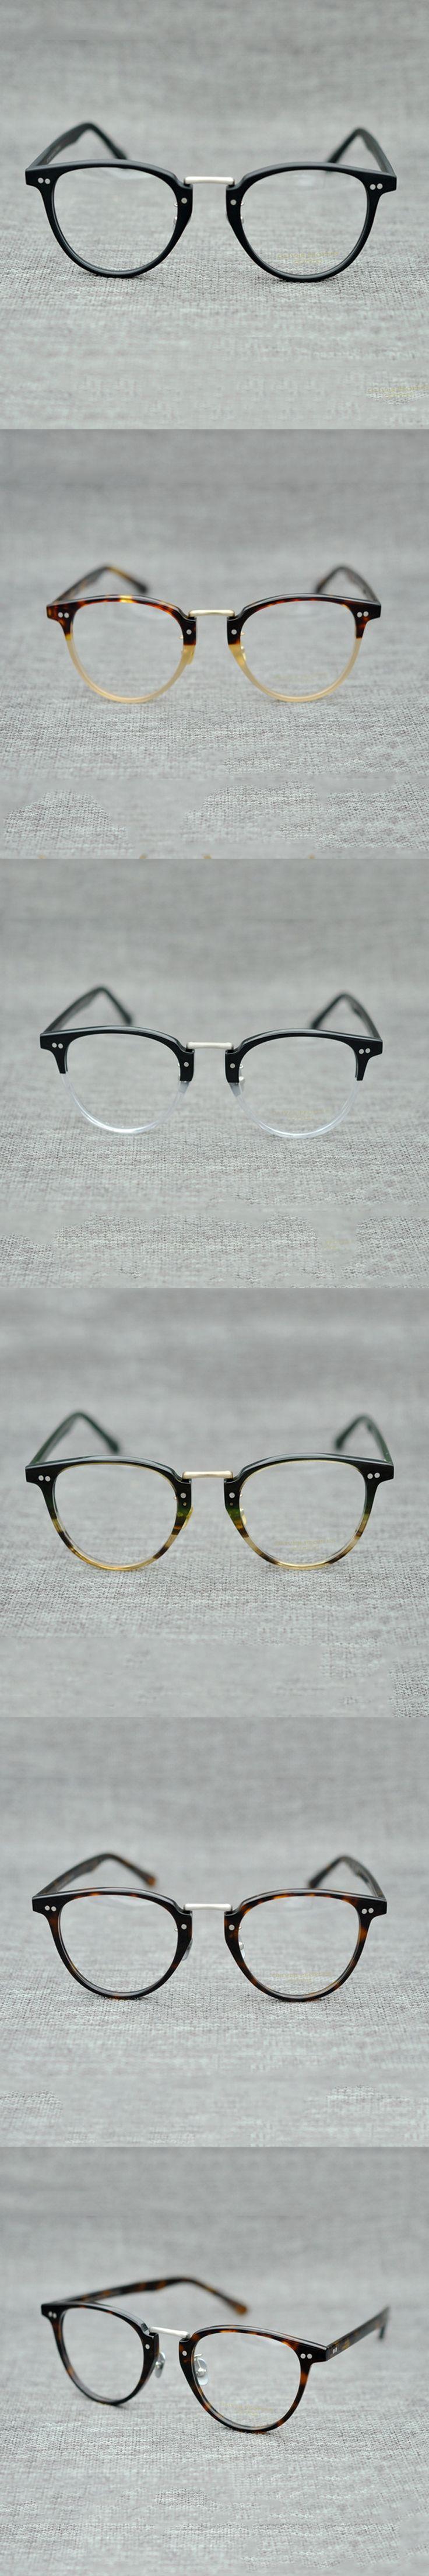 Optical glasses frame Spectacles glasses Female frame eyeglasses frame Transparent glasses Frame for men/women glasses ov